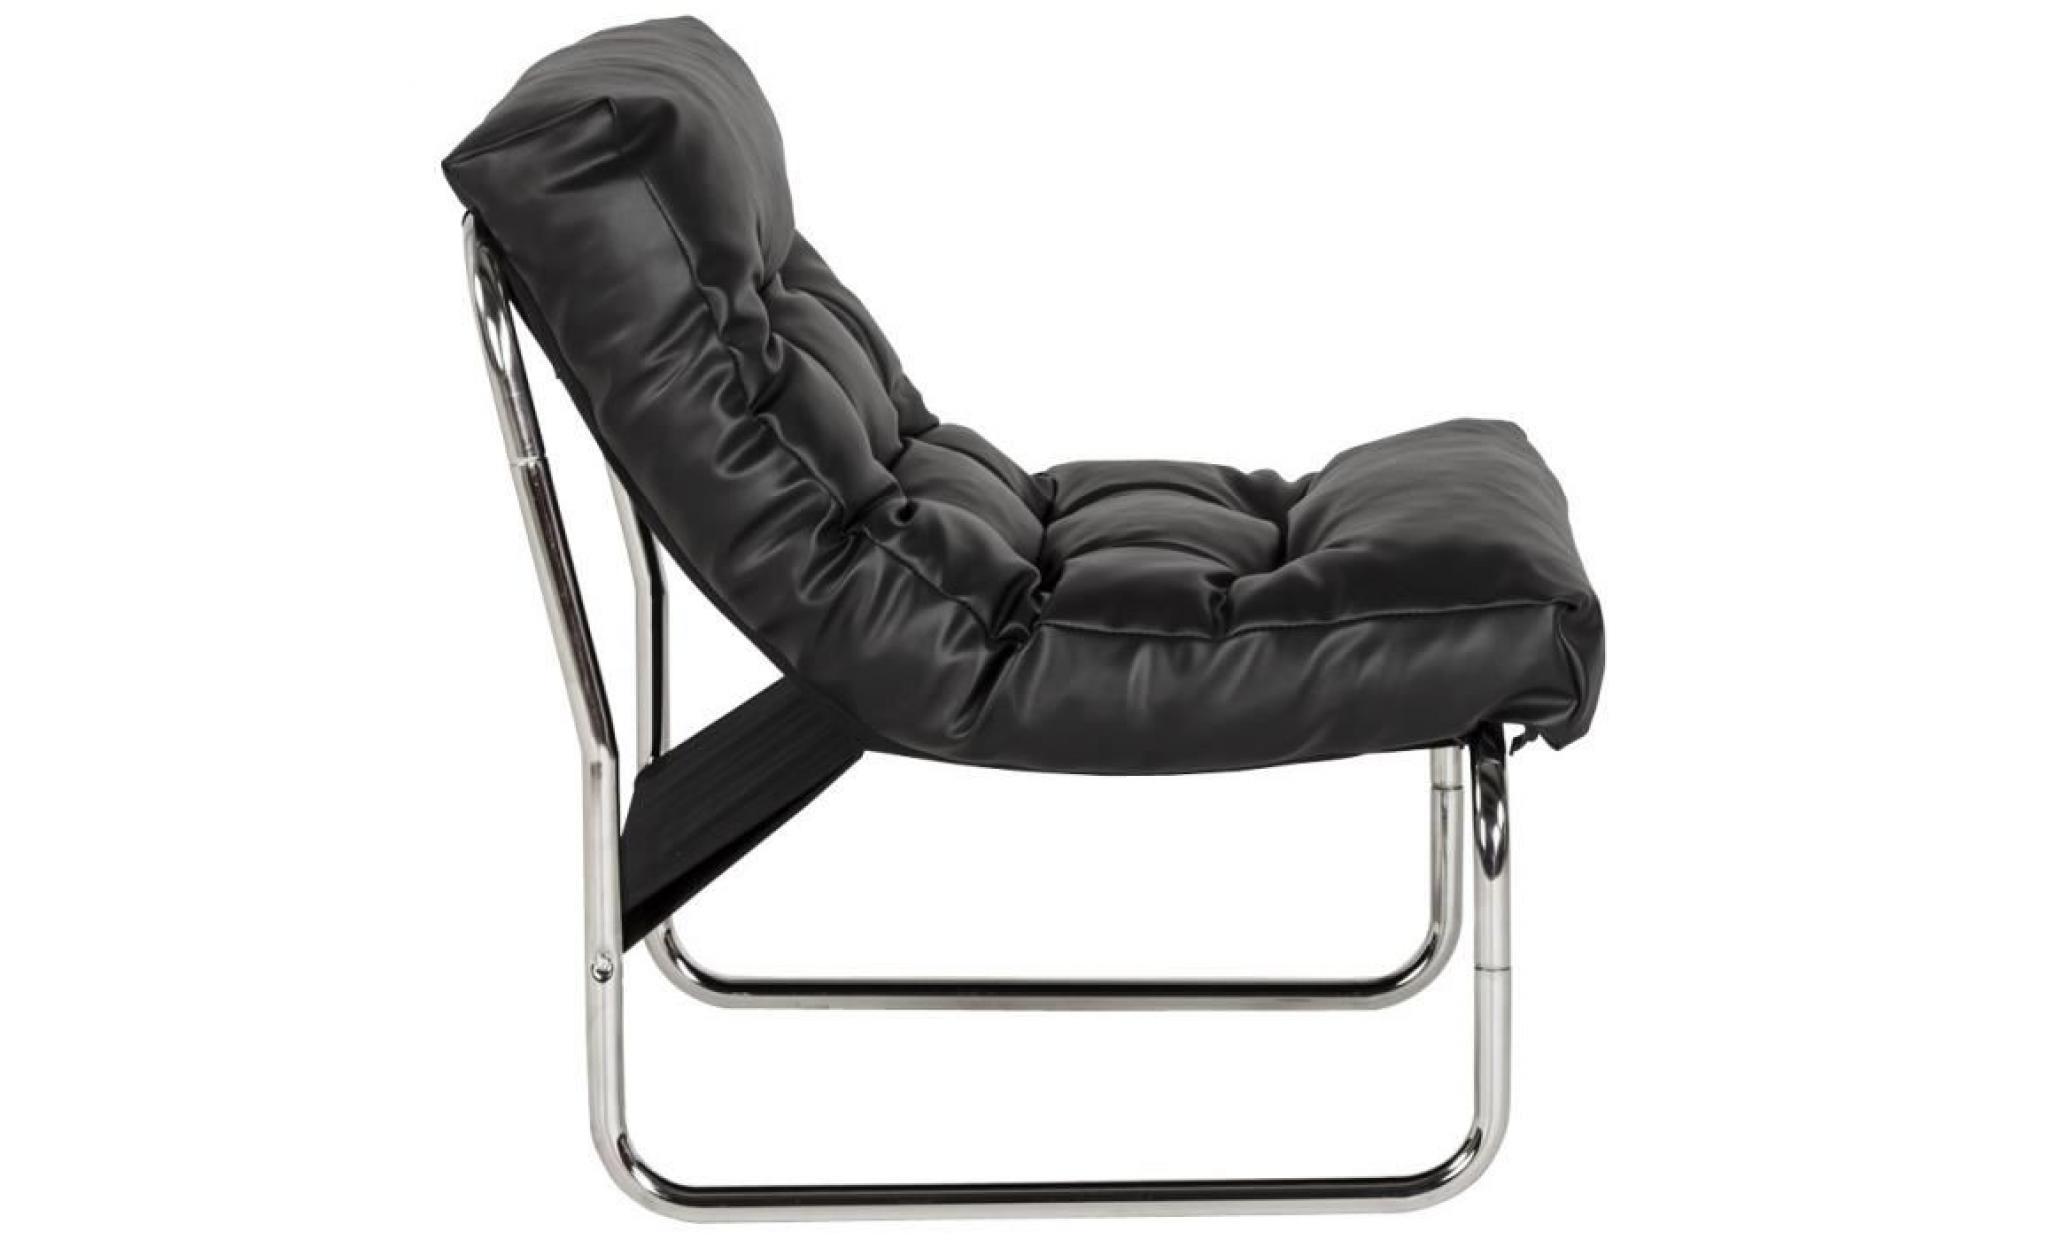 Fauteuil lounge 39 fado 39 noir achat vente fauteuil pas cher couleur - Fauteuil club noir pas cher ...